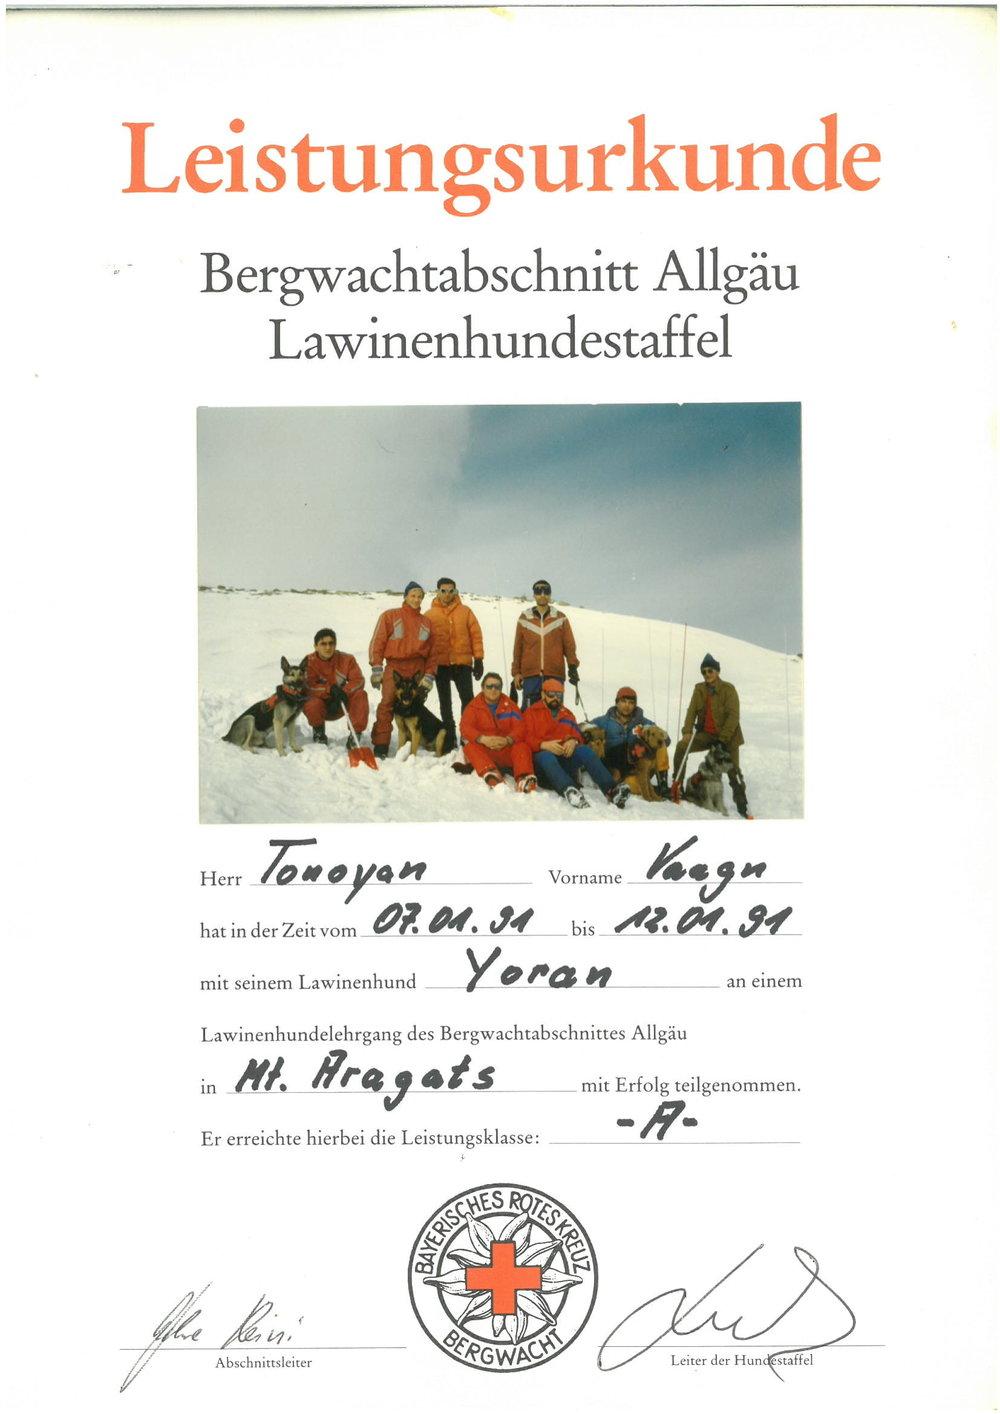 Սպիտակ փրկարարական խումբը Արագած լեռան վրա մասնակցում է Կարմիր Խաչի կողմից անցկանվող վերապատրաստմանը։